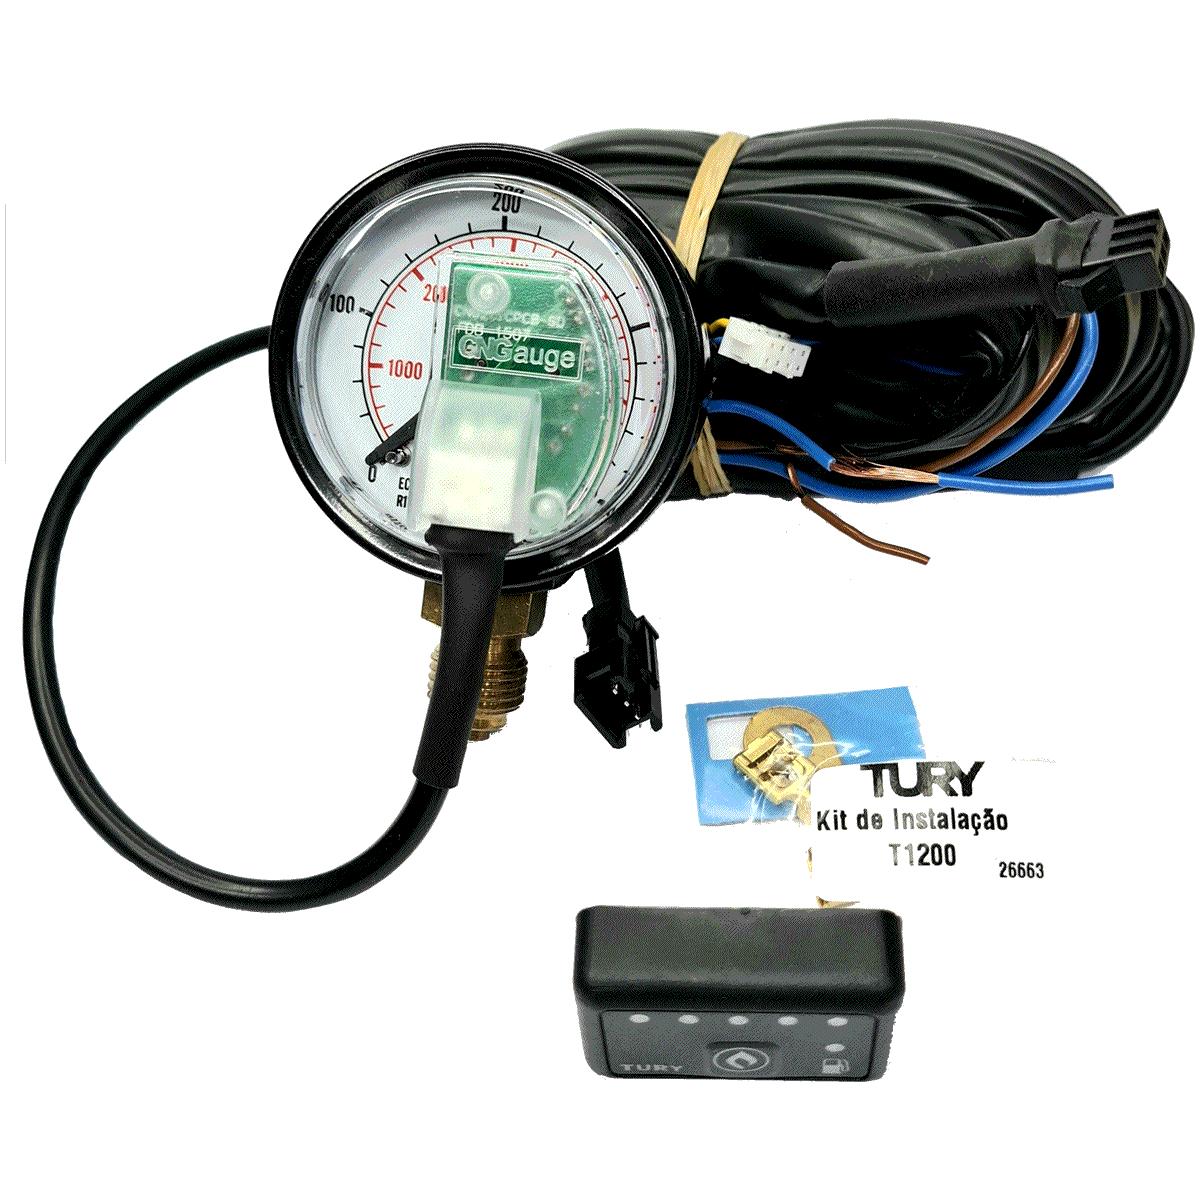 Micro Chave Comutadora T1200A GNV mais  Moderno veículos injeção